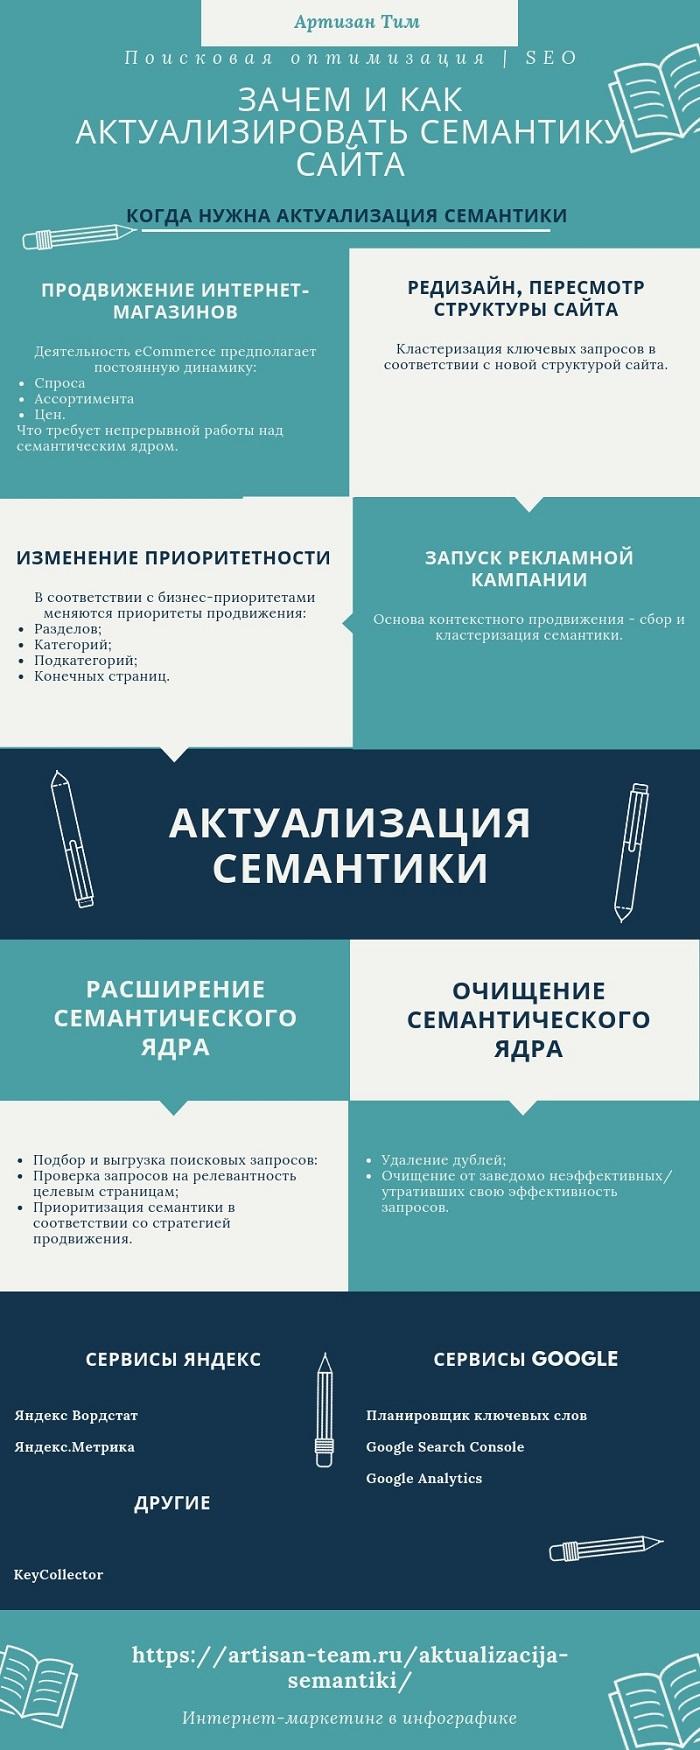 Инфографика по актуализации семантики на сайте, когда она необходима, последовательность действий и некоторые сервисы для работы с семантическим ядром, интернет-маркетинг в инфографике | Артизан Тим